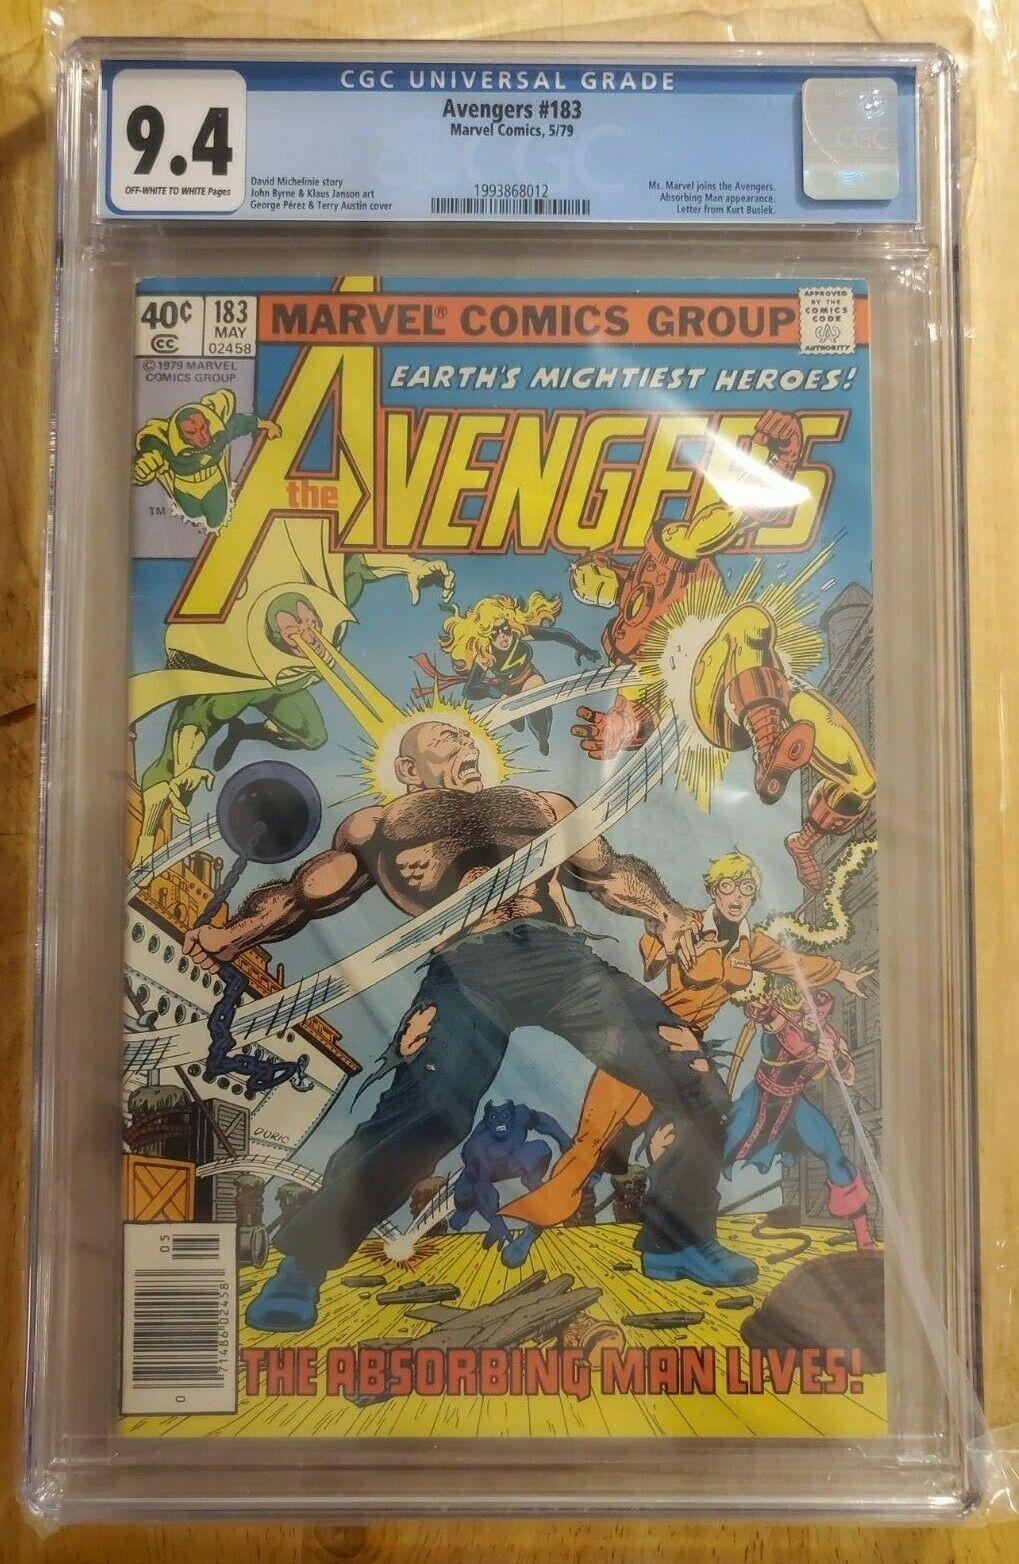 CGC 9.4 Avengers #183 Carol Danvers joins the Avengers Avengers: Endgame